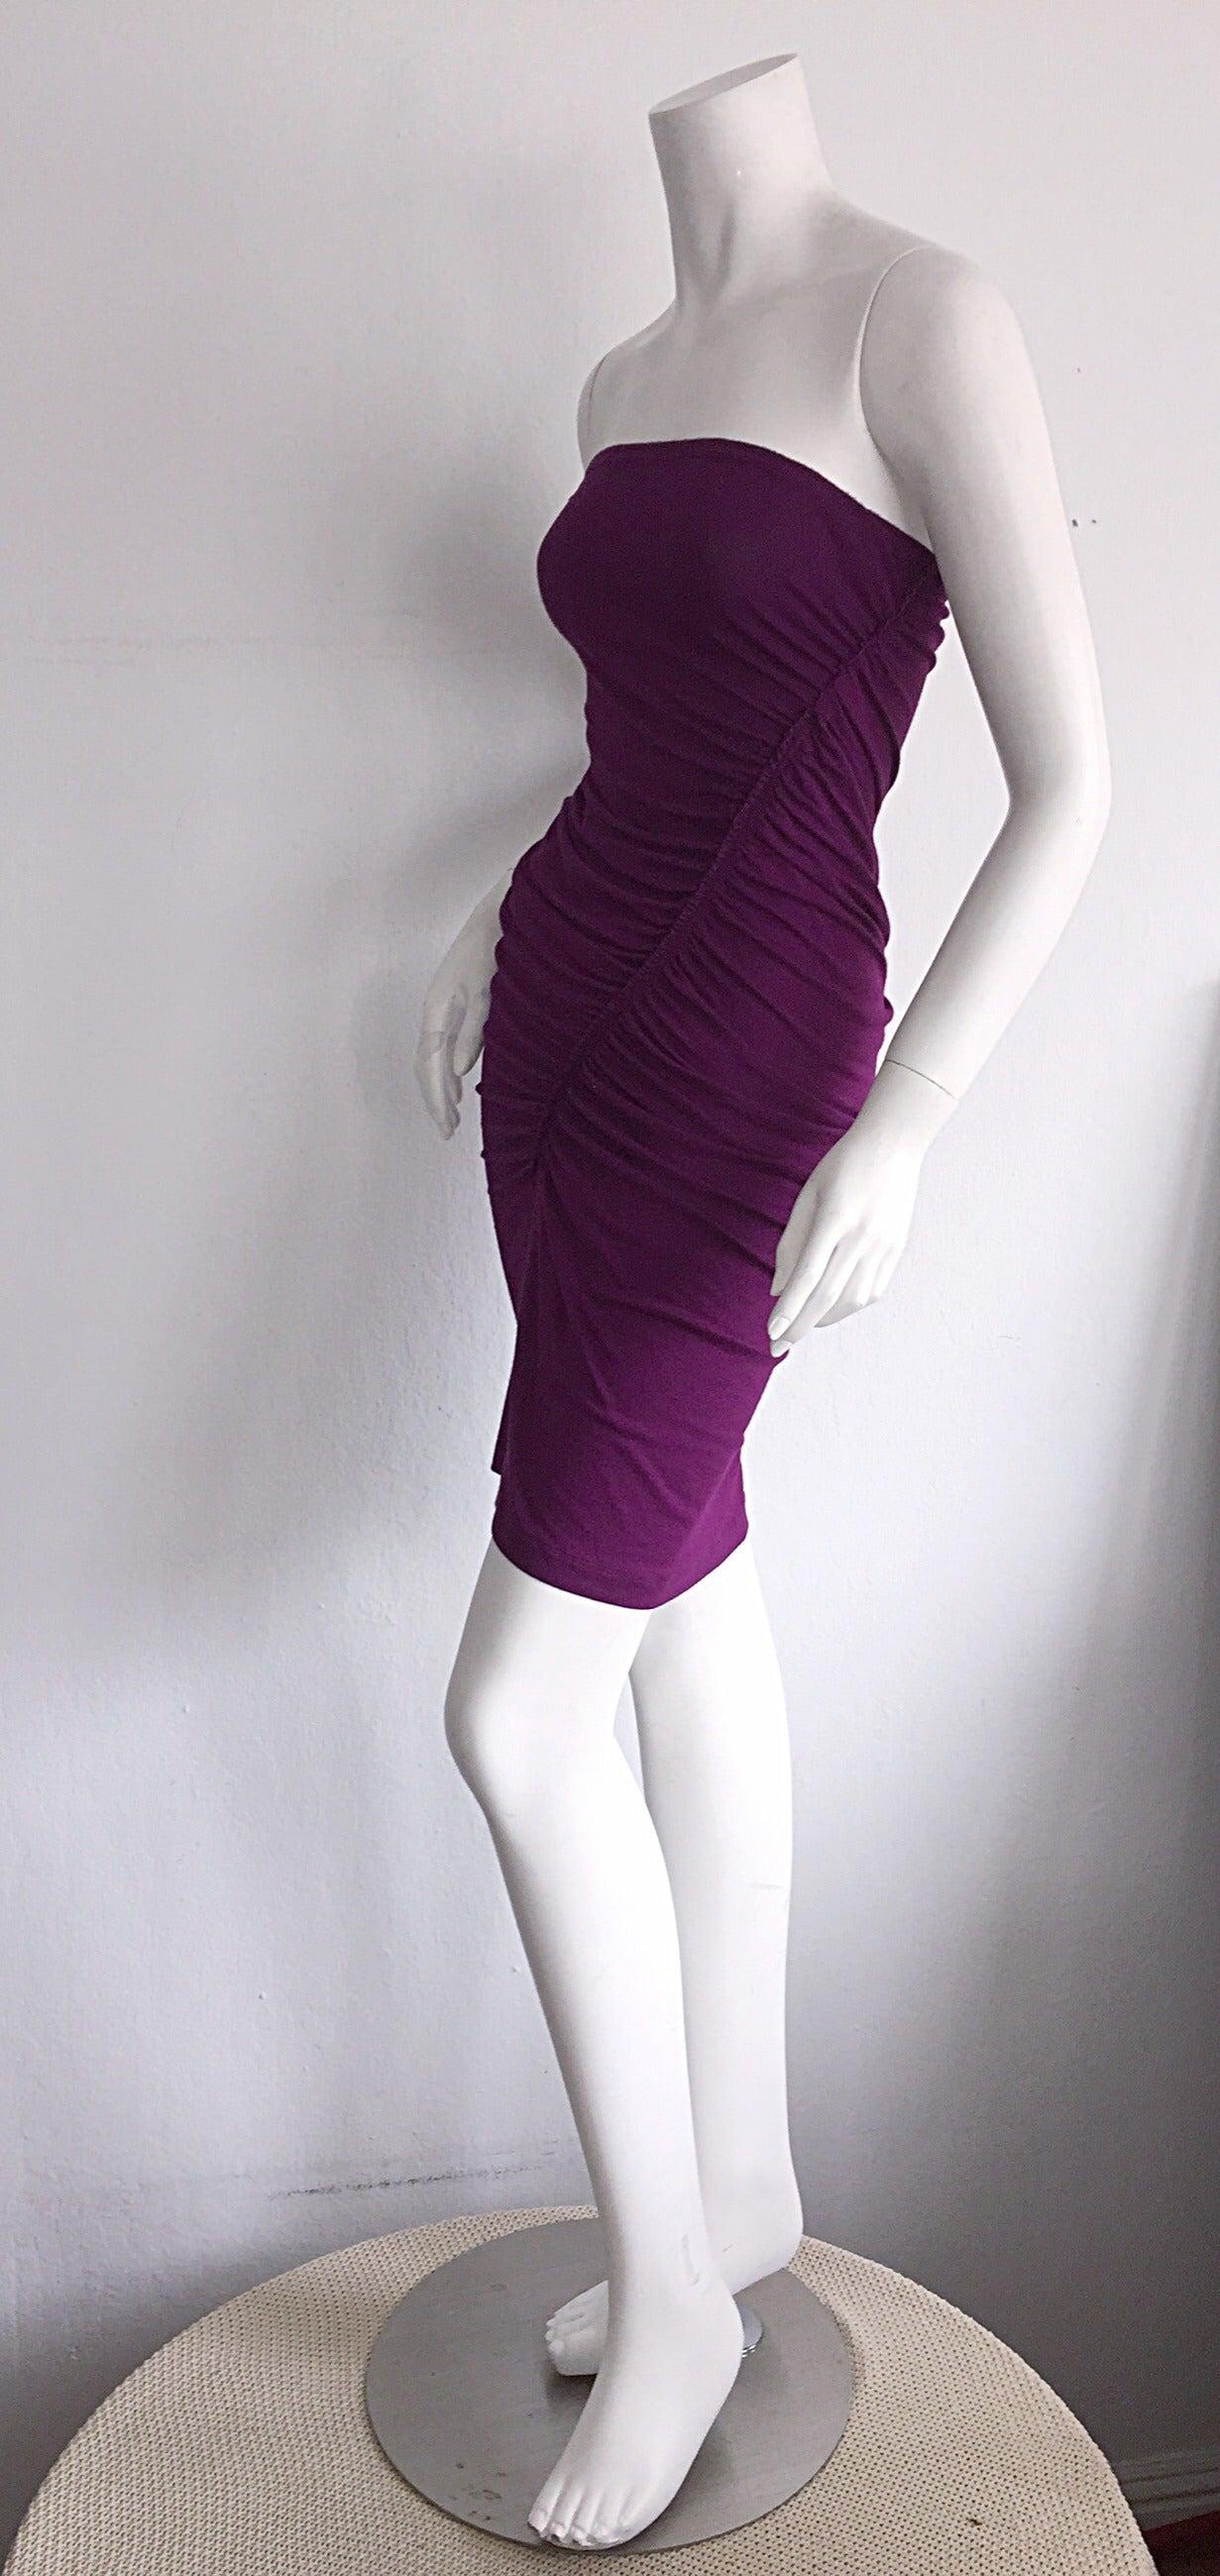 Brand New Donna Karan ' Black Label ' Fall 2010 Purple Ruched Runway Dress 6